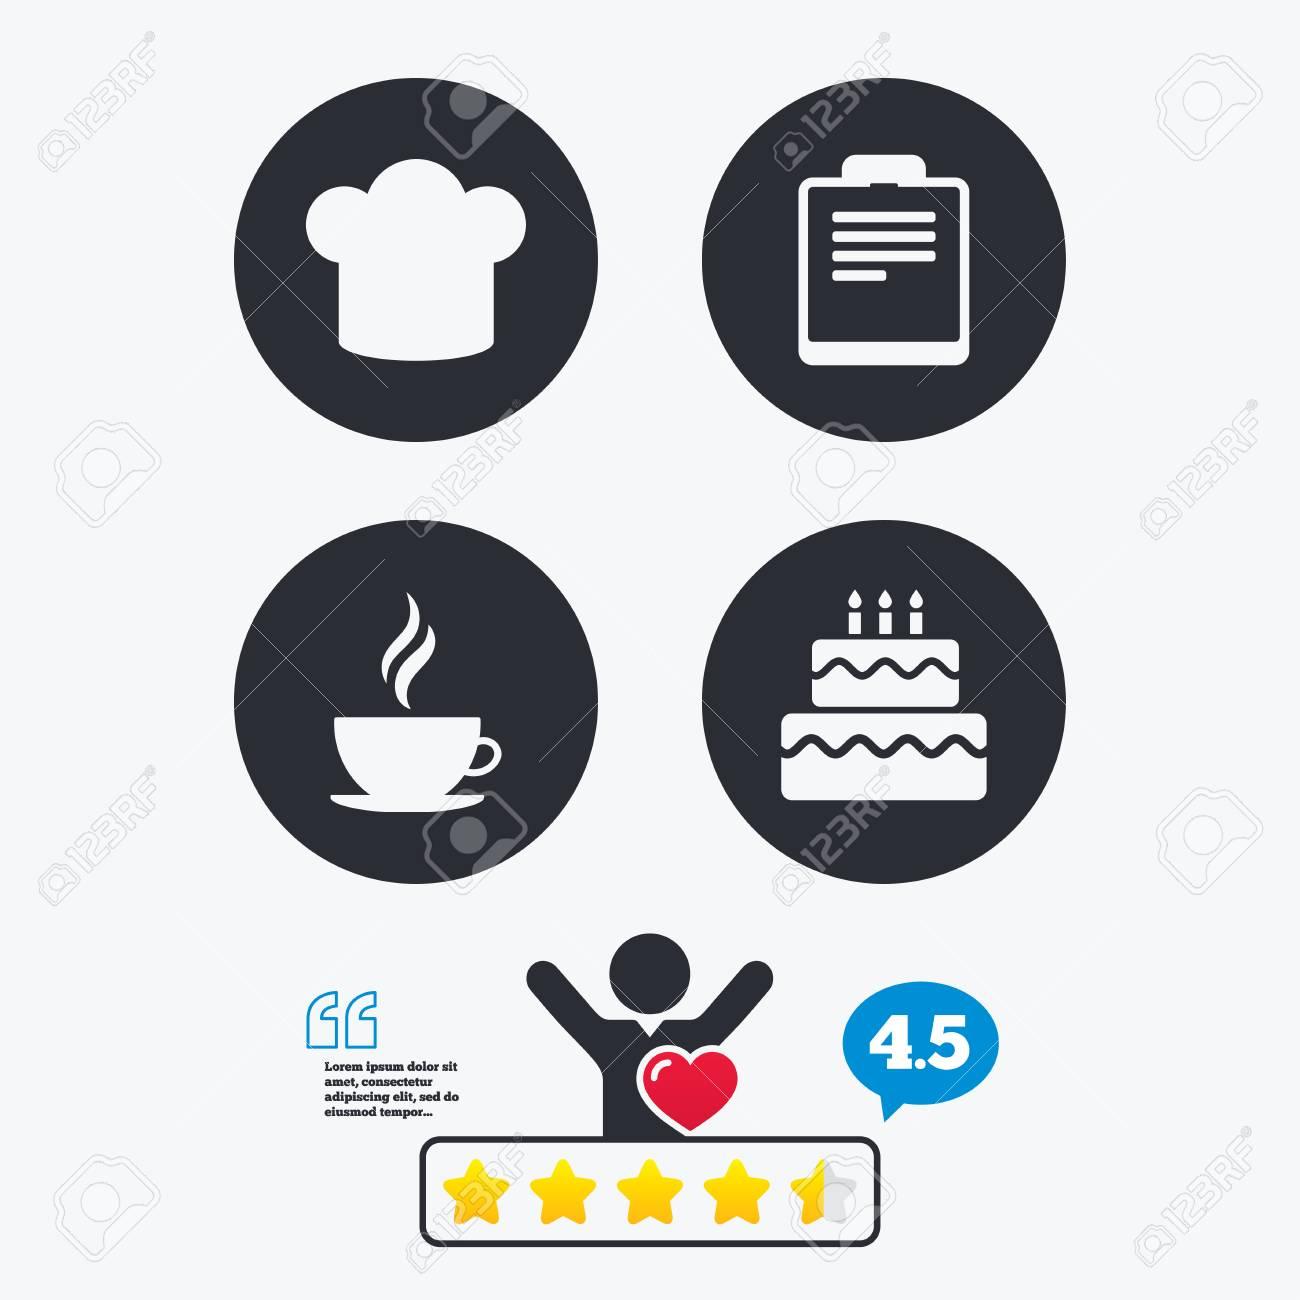 Icone De Tasse De Cafe Symbole De Chef Chapeau Signes De Gateau D